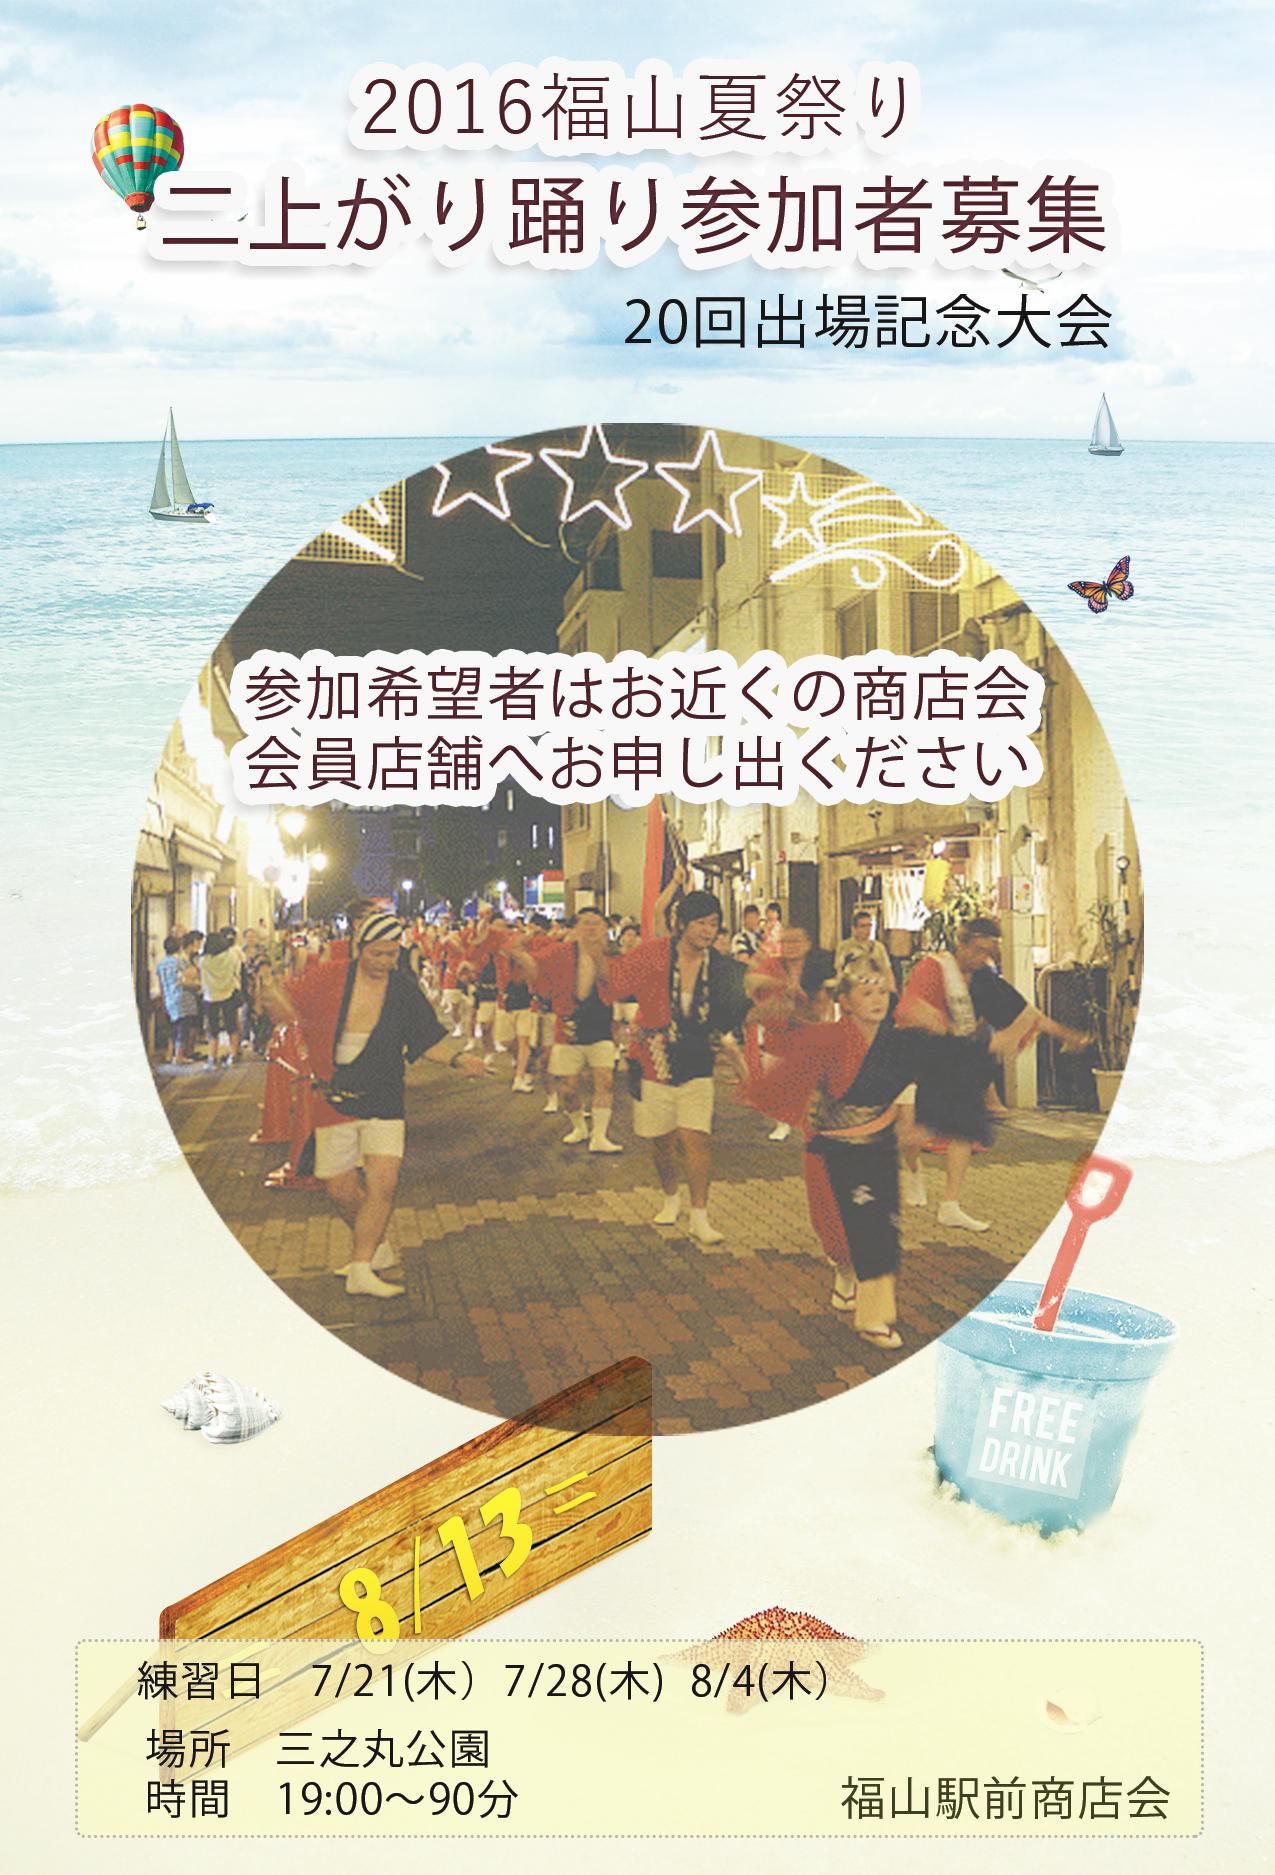 2016年福山祭り「二上がり踊り」への参加者募集!